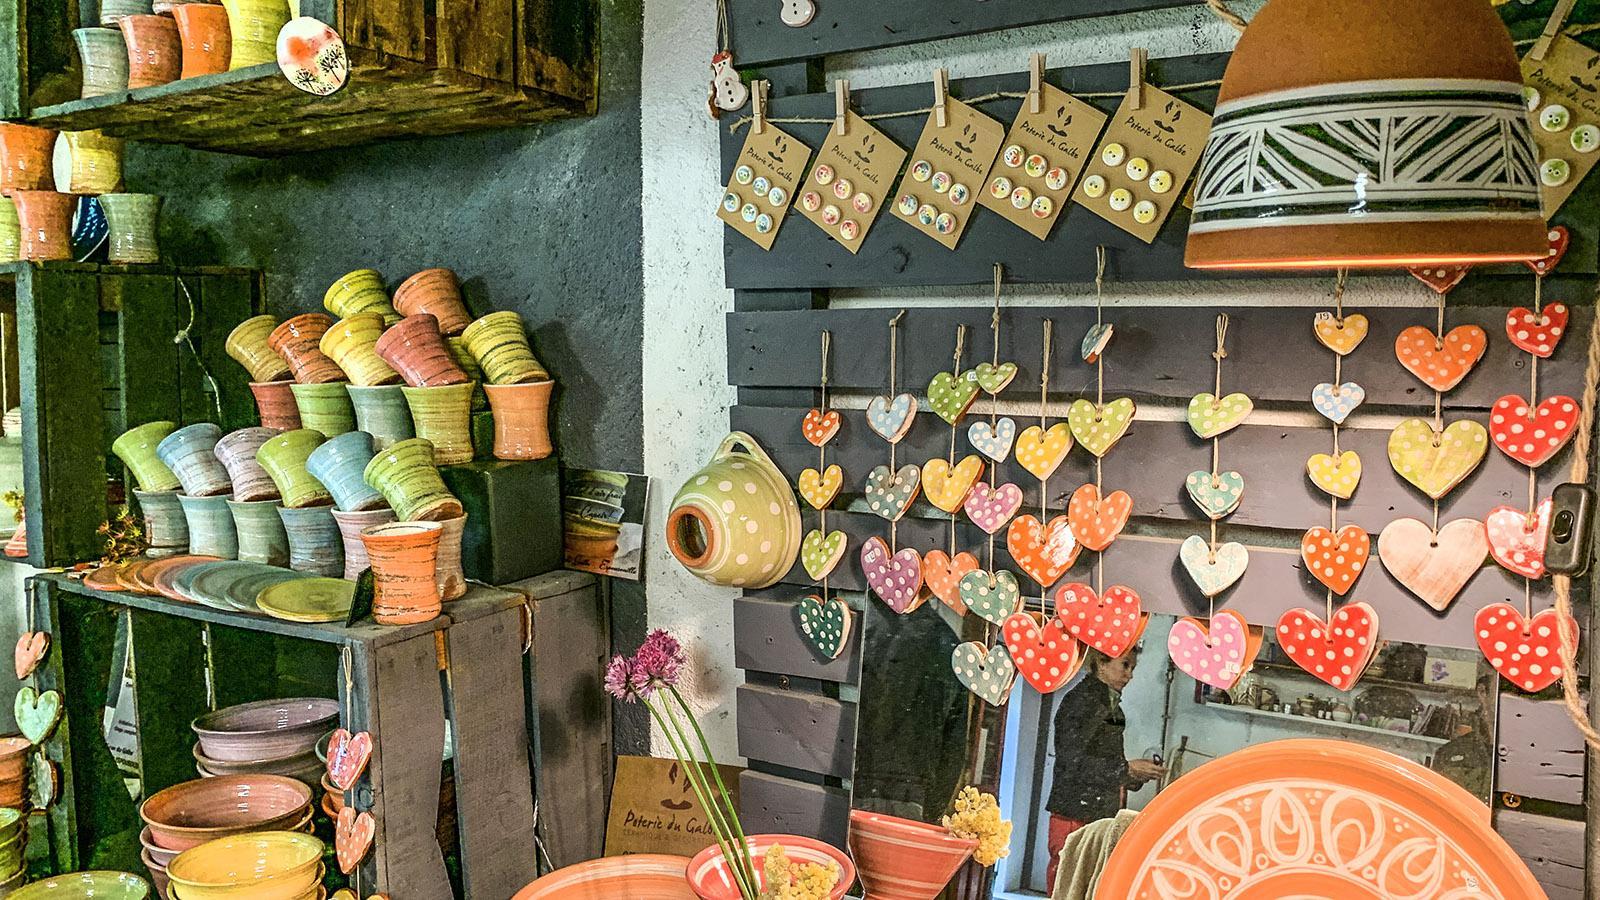 Einige der Töpferwaren von Anne. Foto: Hilke Maunder